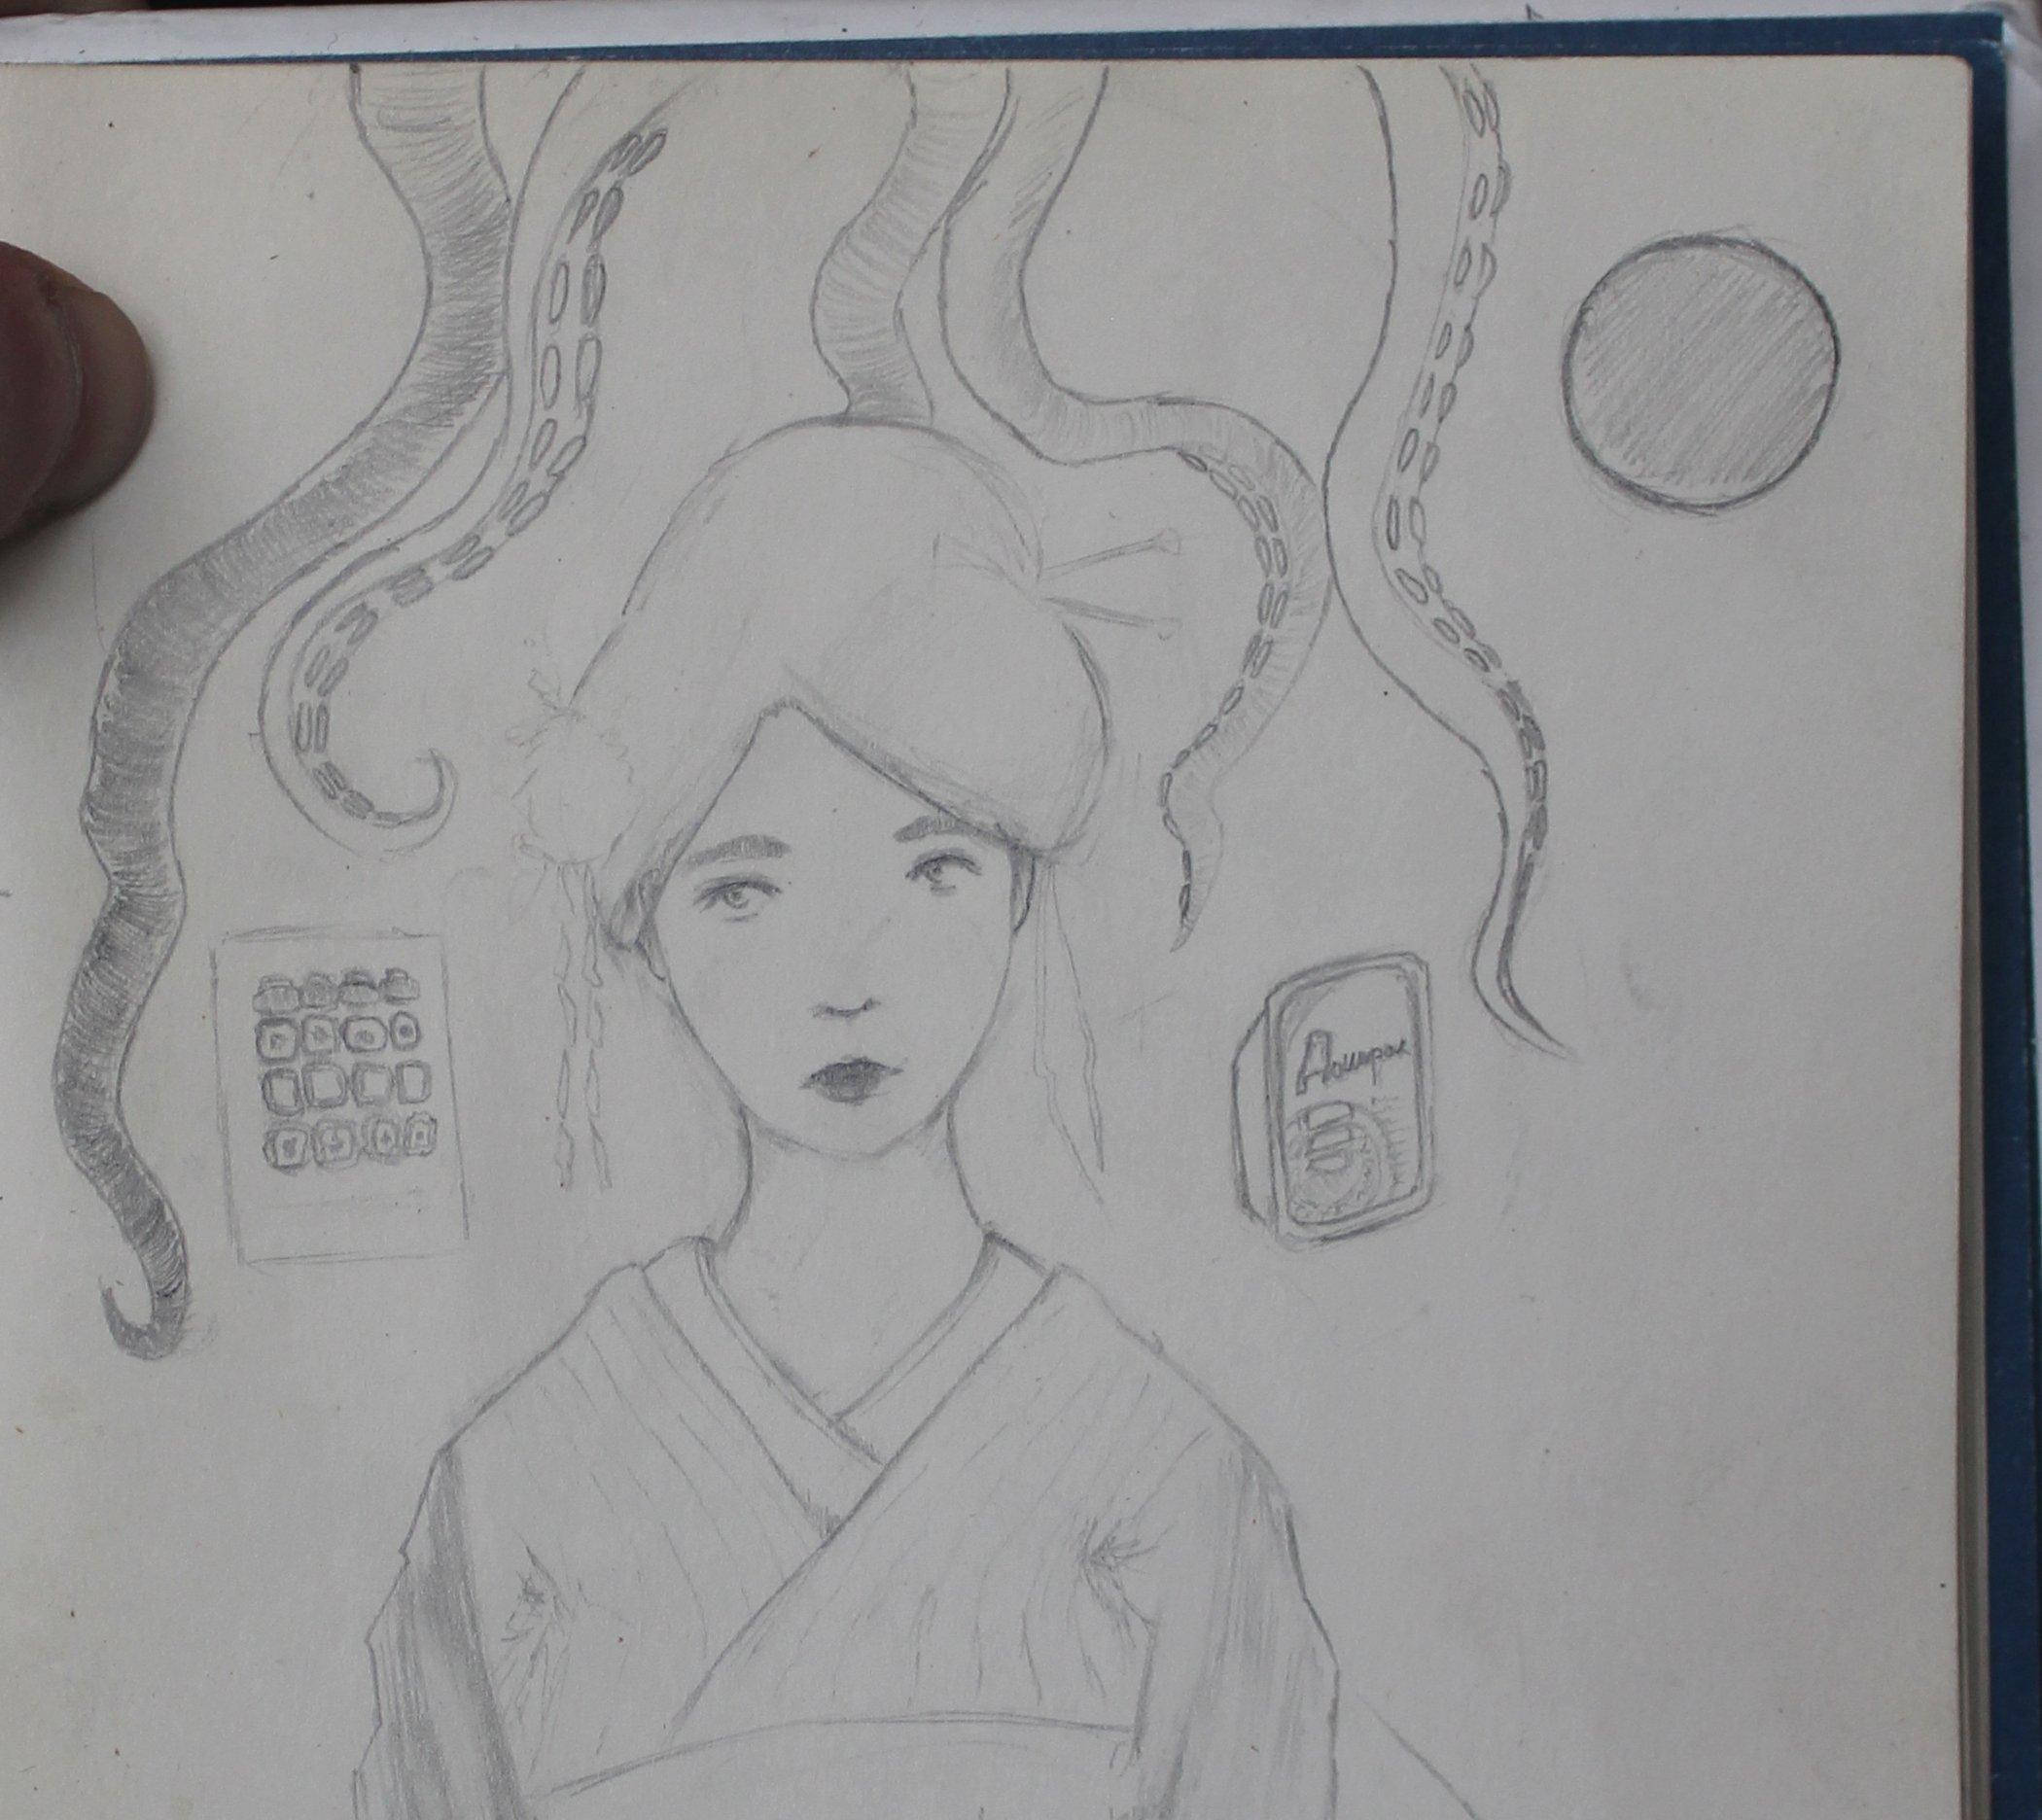 японский конкурс  - Изображение 2